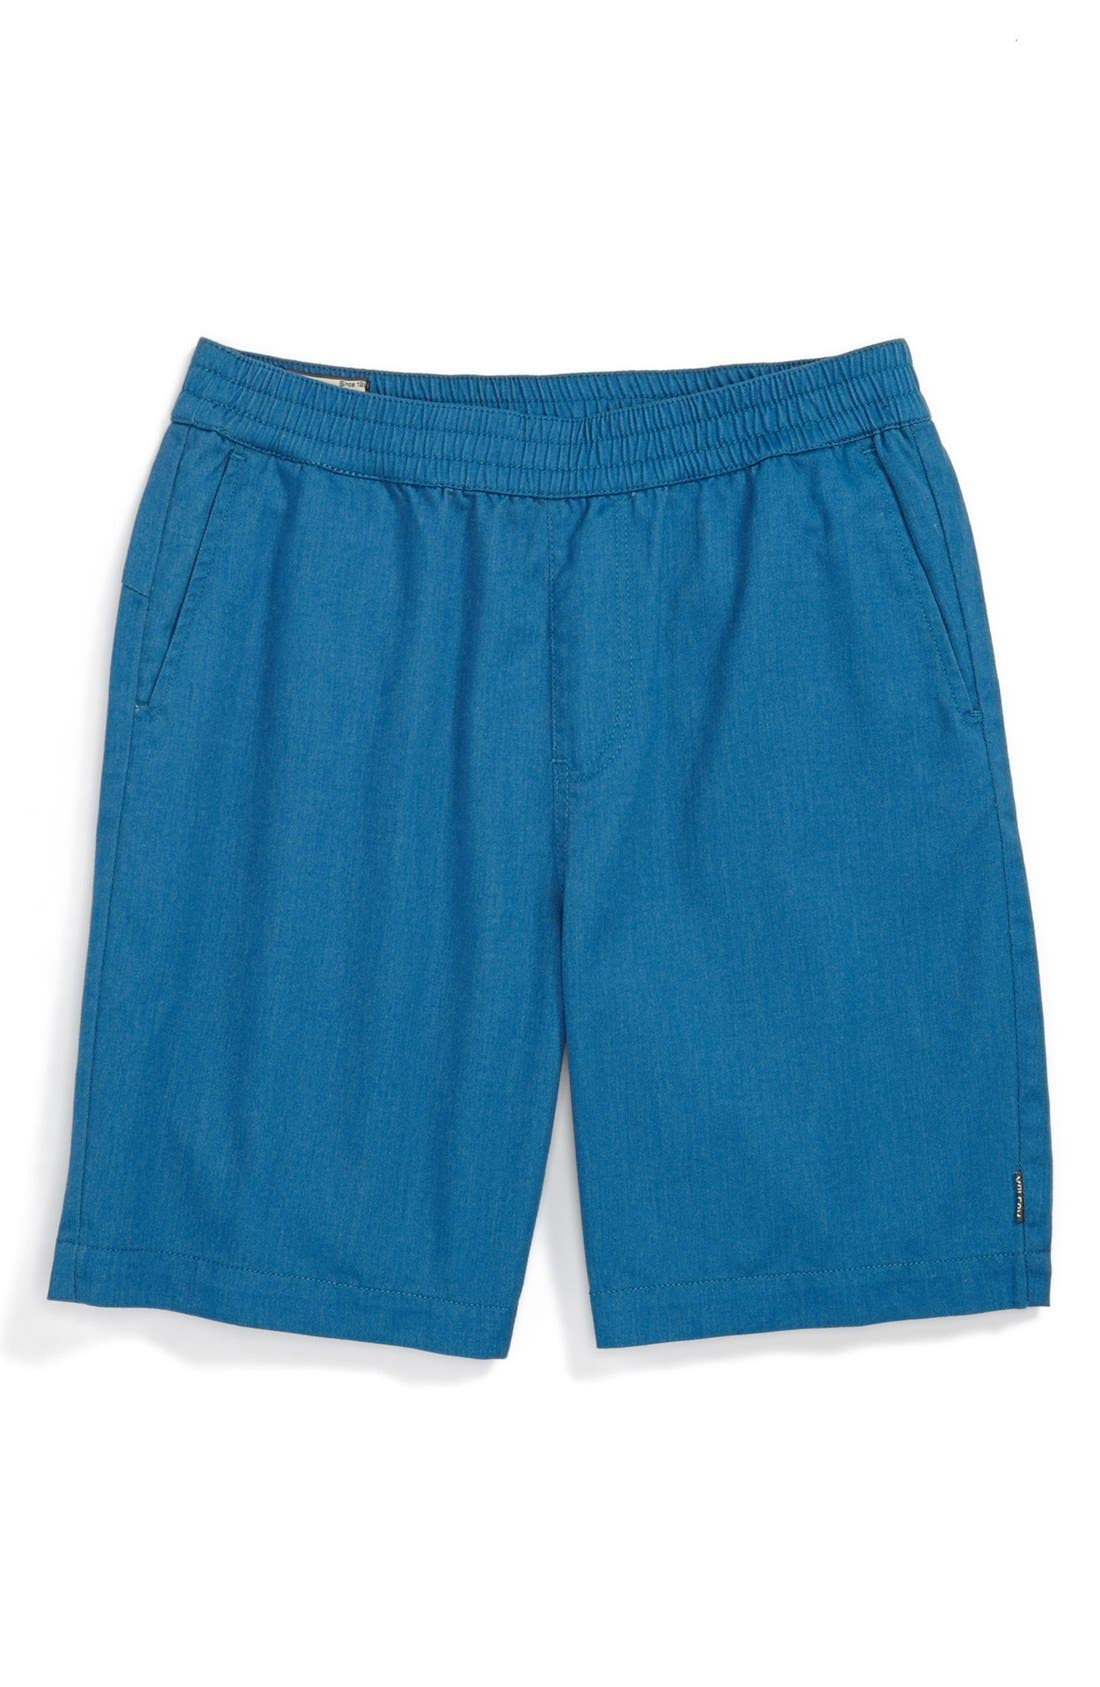 Main Image - Volcom Twill Shorts (Big Boys)